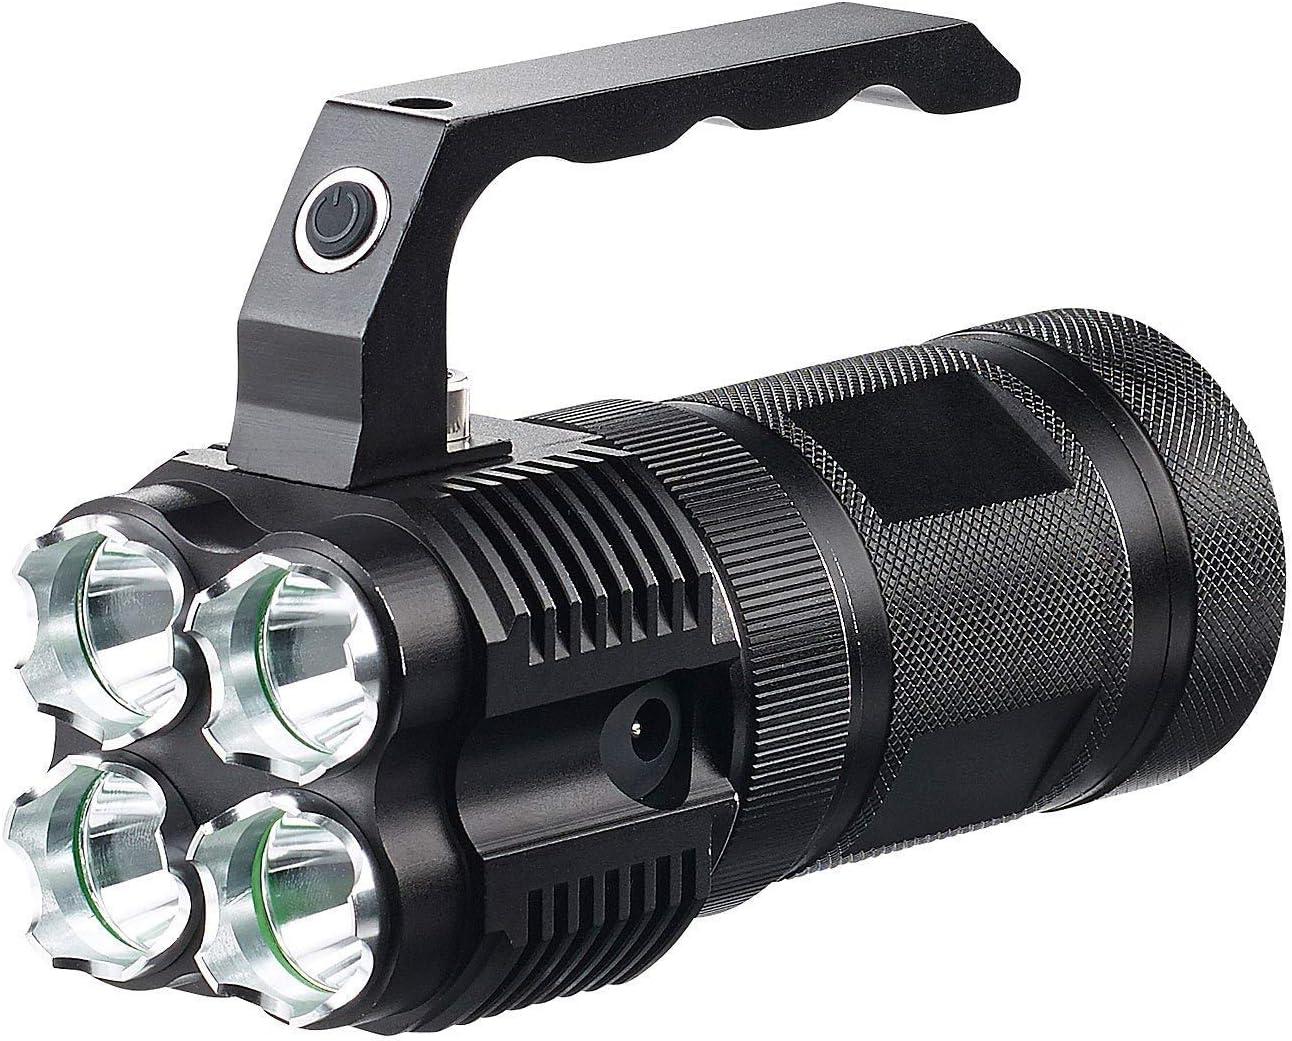 Linterna LED para Bicicleta con batería: Foco LED Manual TRC 4.4 A ...